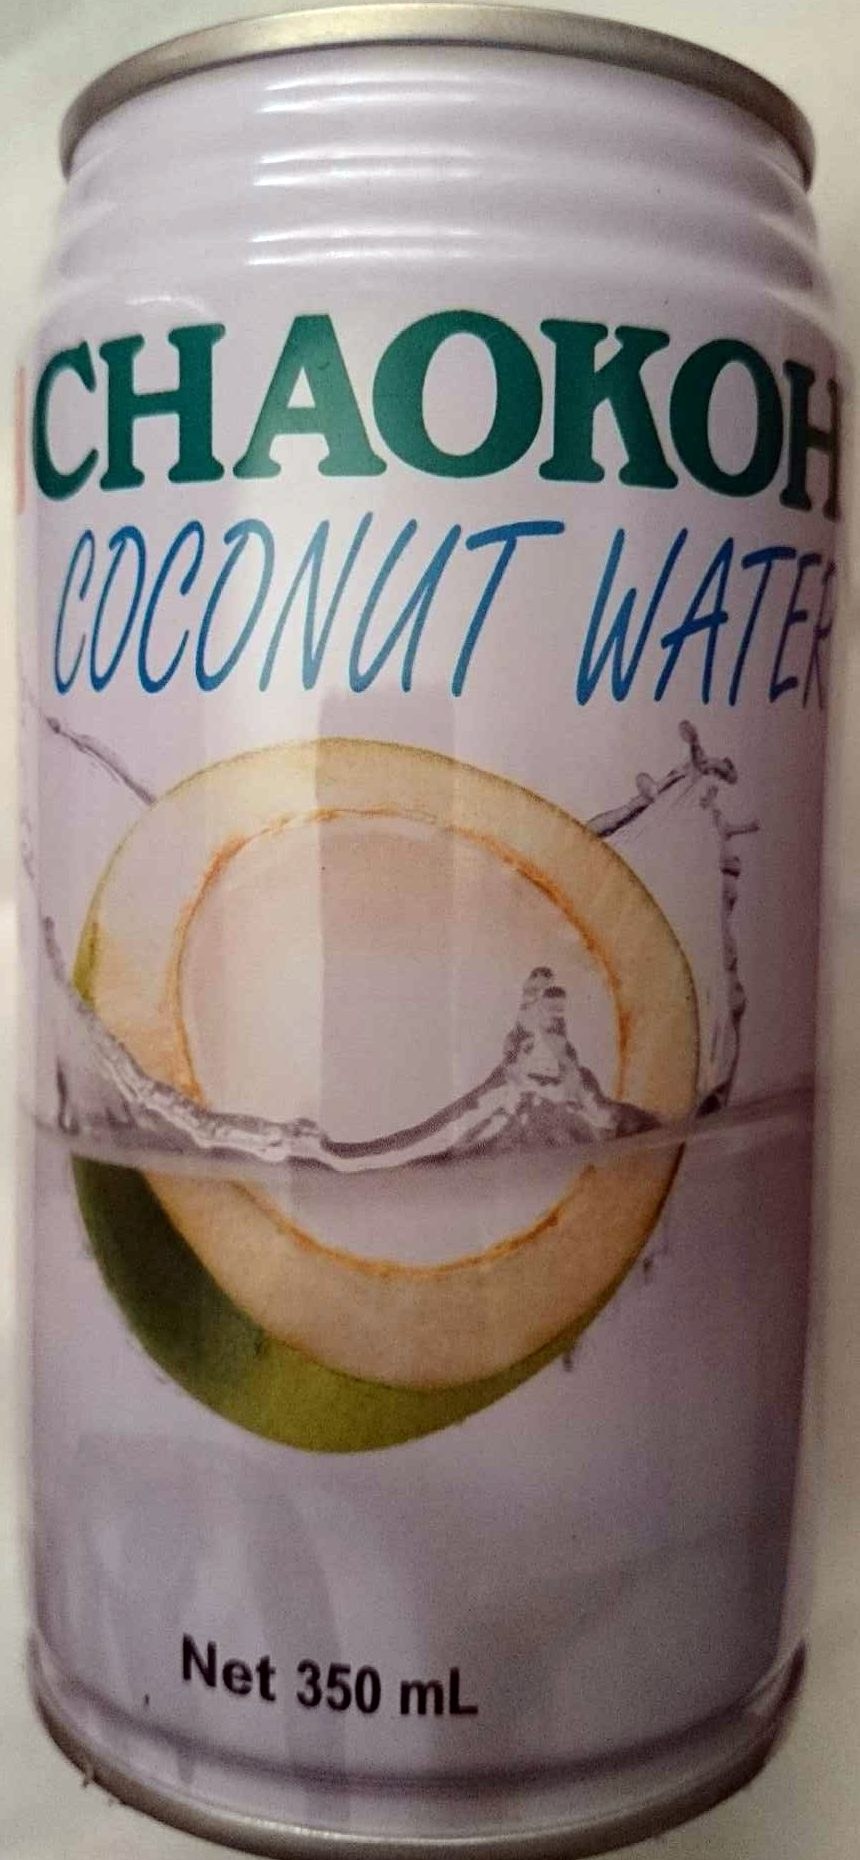 Coconut Water - Produit - en